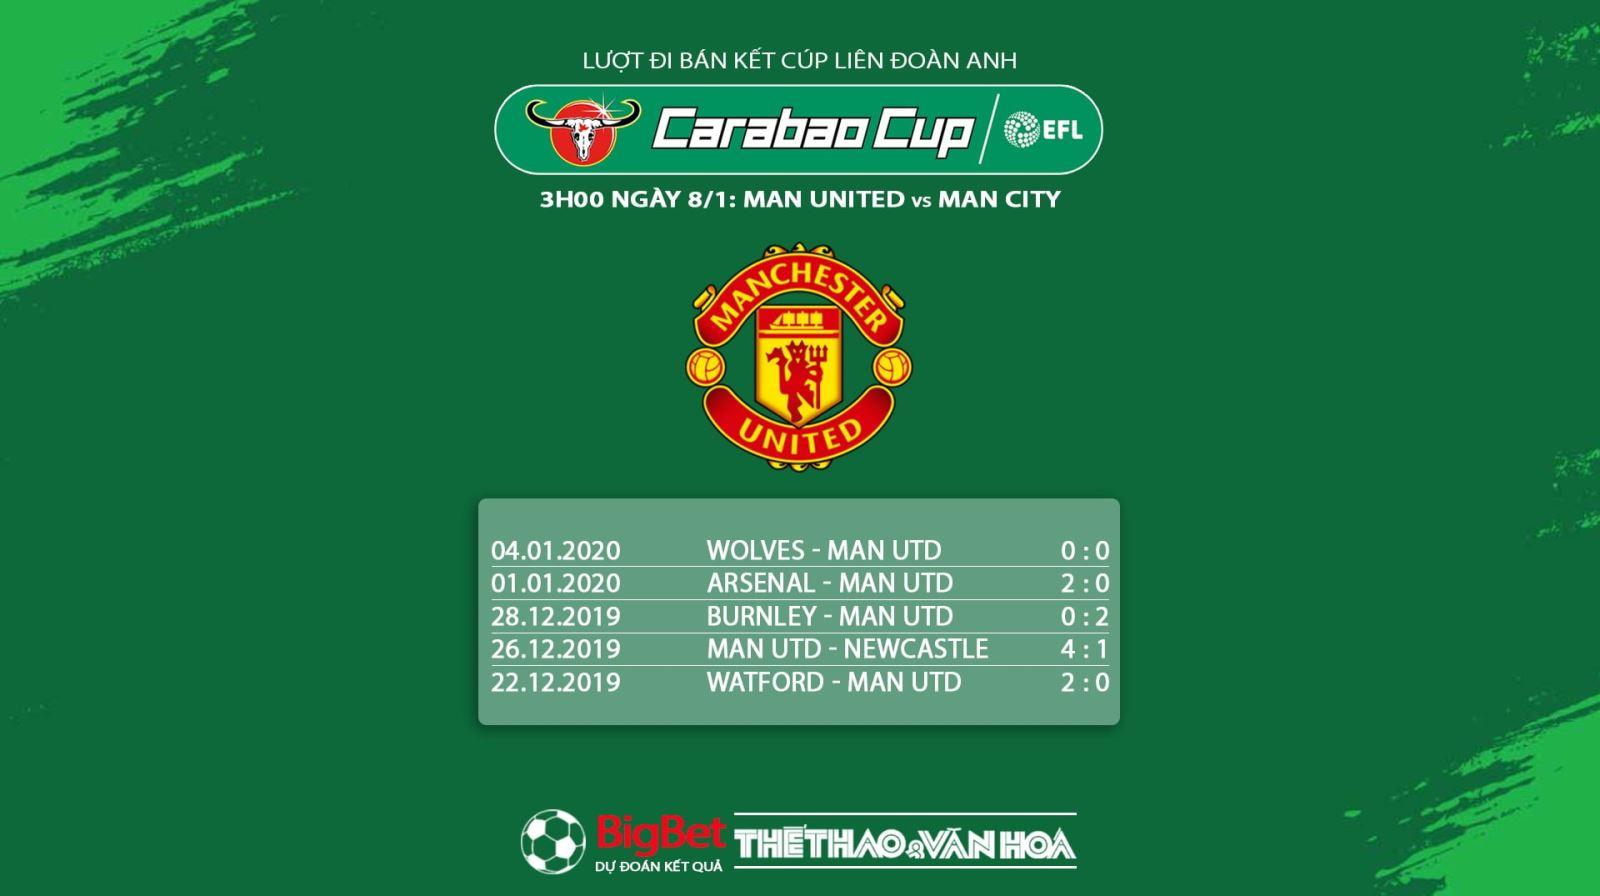 MU vs Man City, Cúp Liên đoàn Anh, trực tiếp MU vs Man City, mu, man city, manchester united, dự đoán MU vs Man City, nhận định MU vs Man City